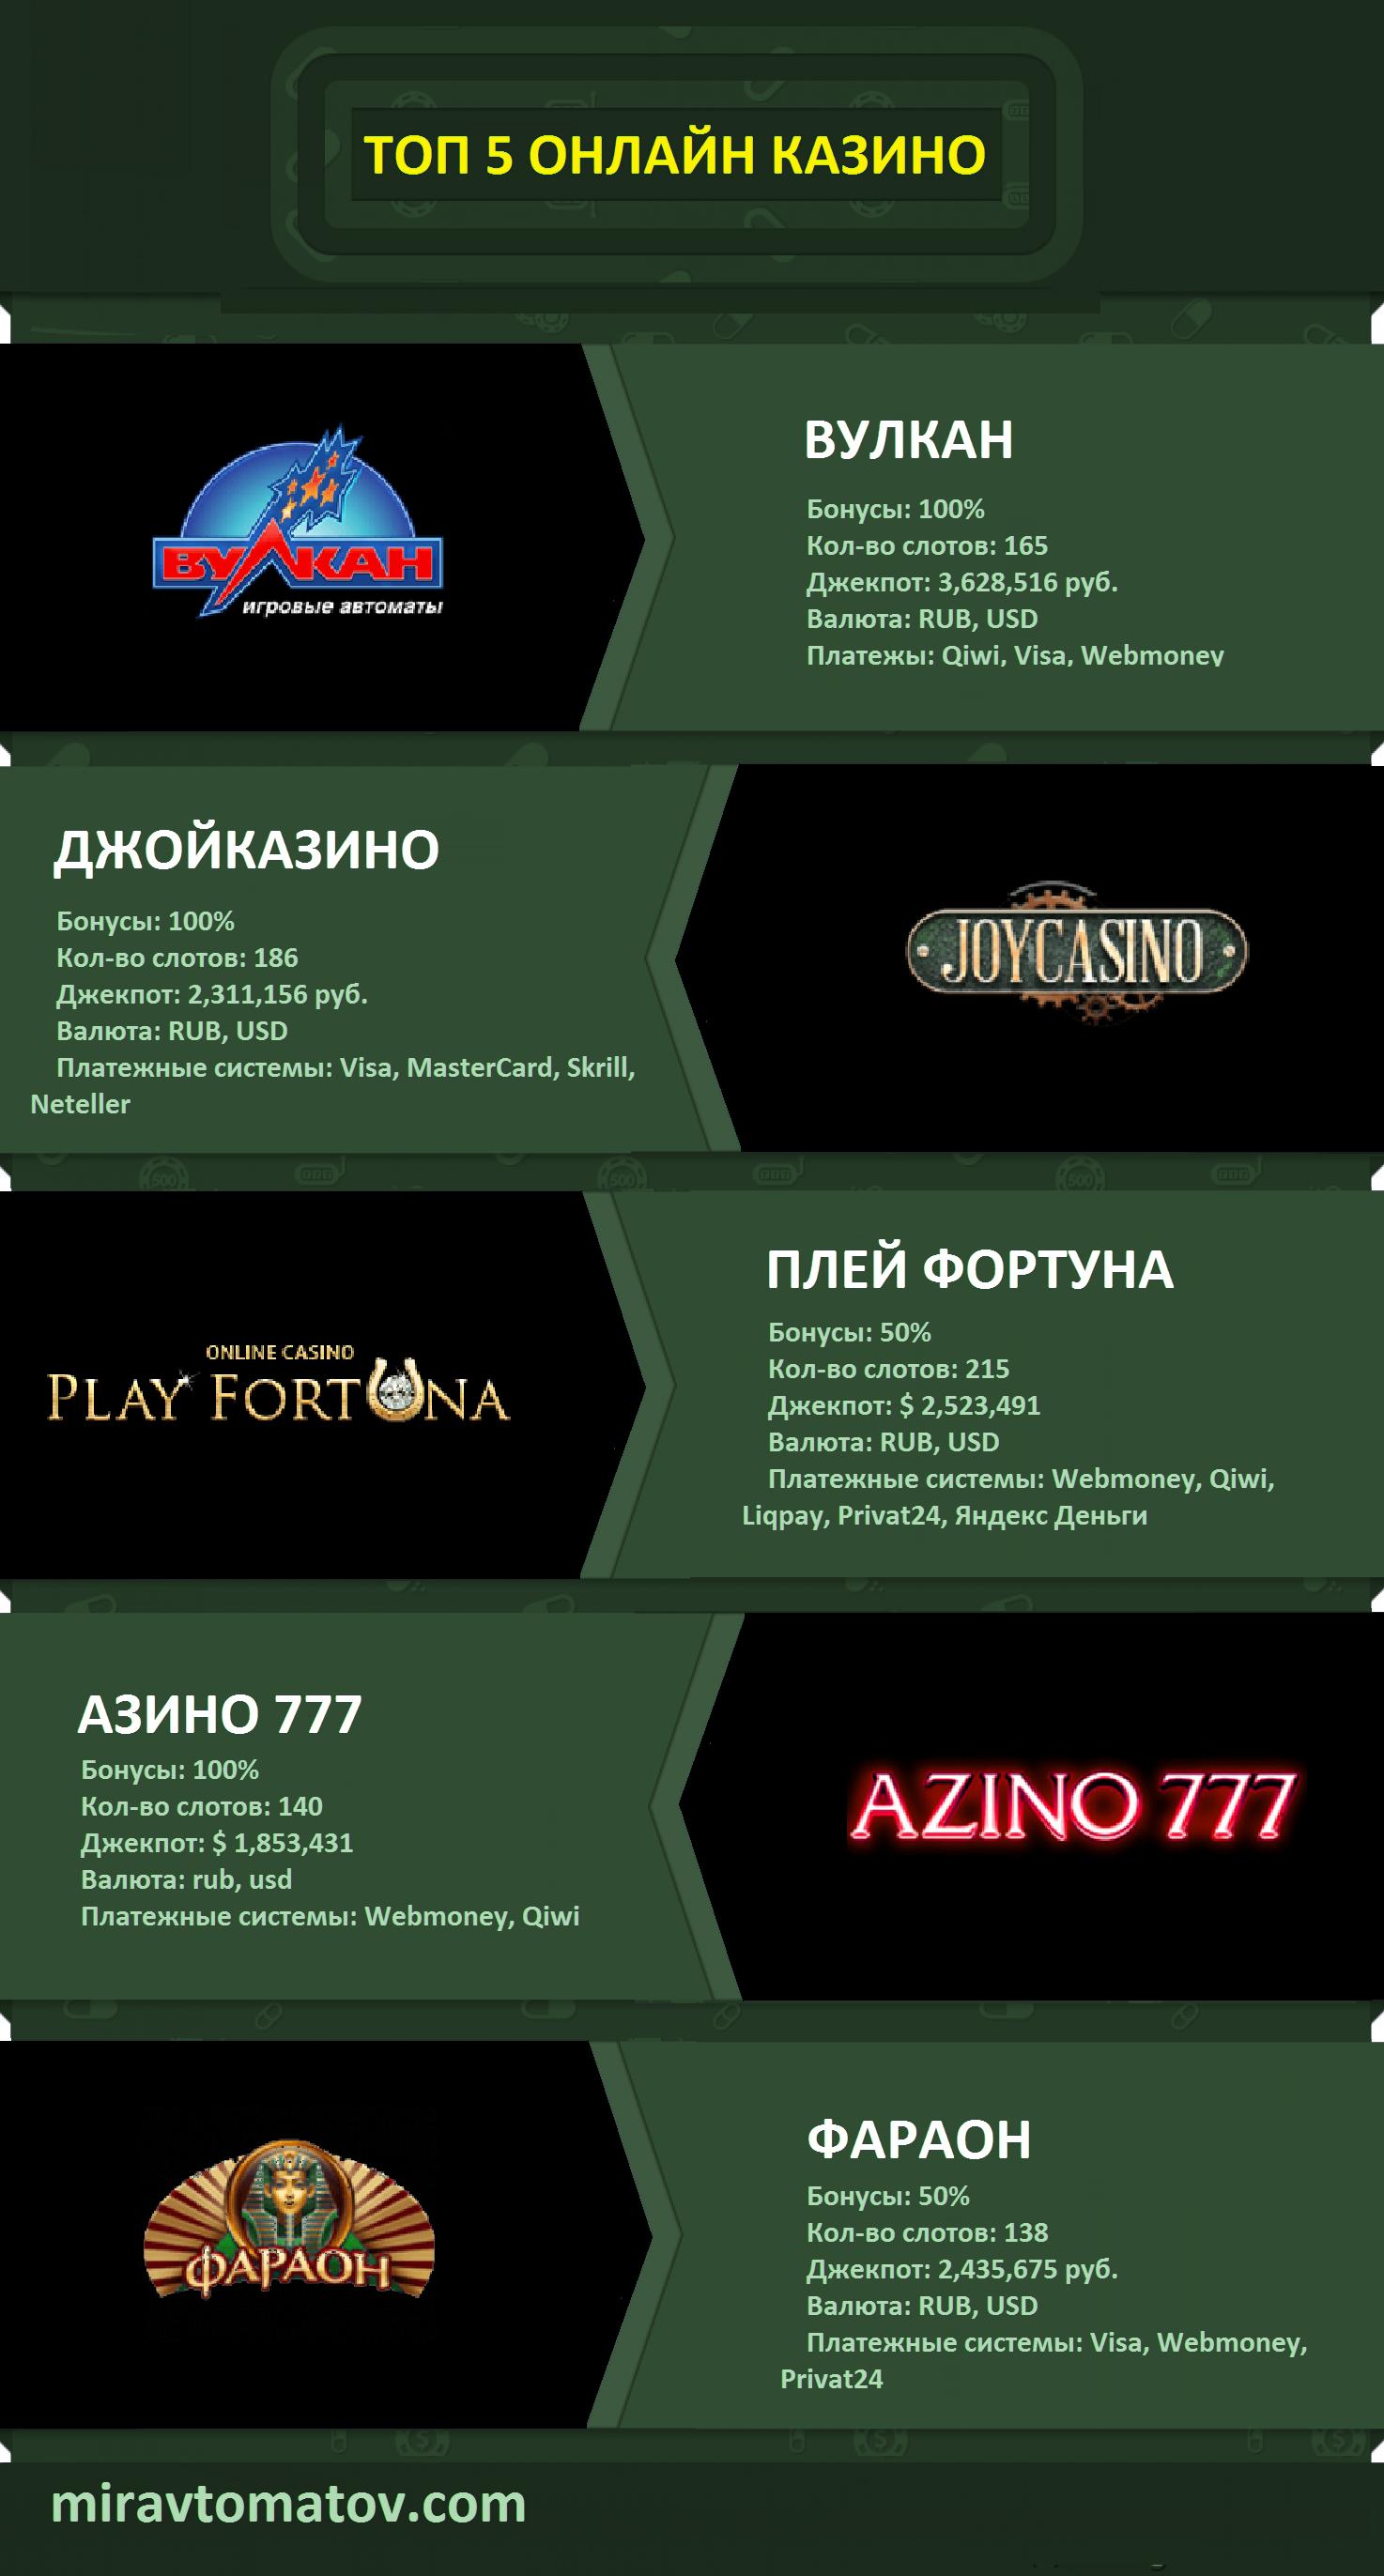 Php forum software 7 2 игровые автоматы играть бесплатно как купить игровые автоматы